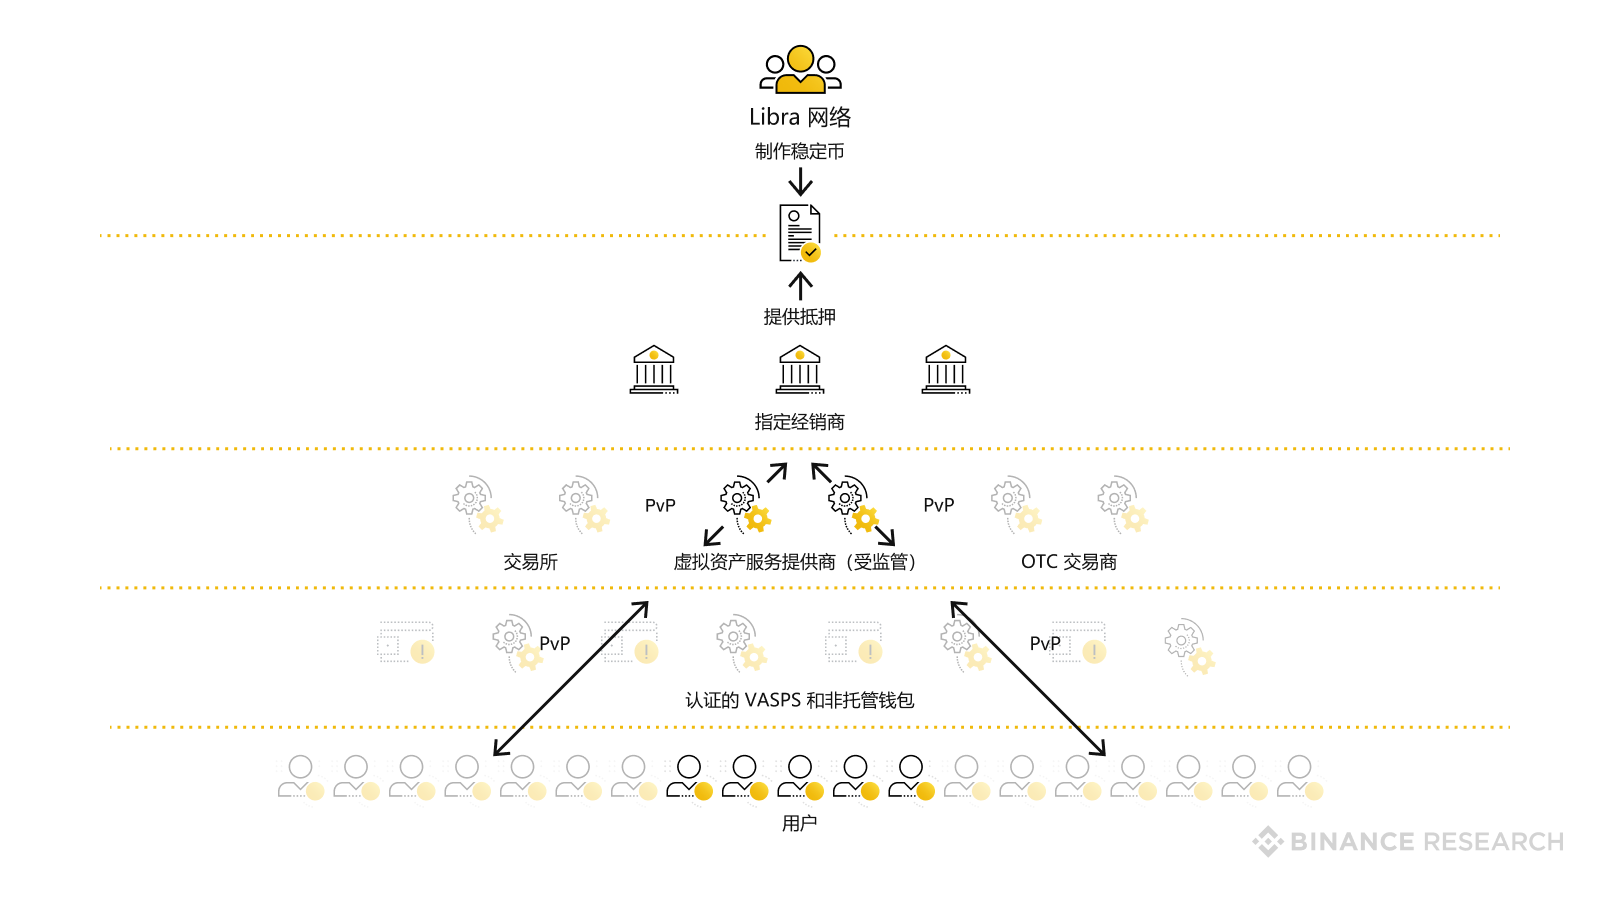 Description of the conceptual network architecture